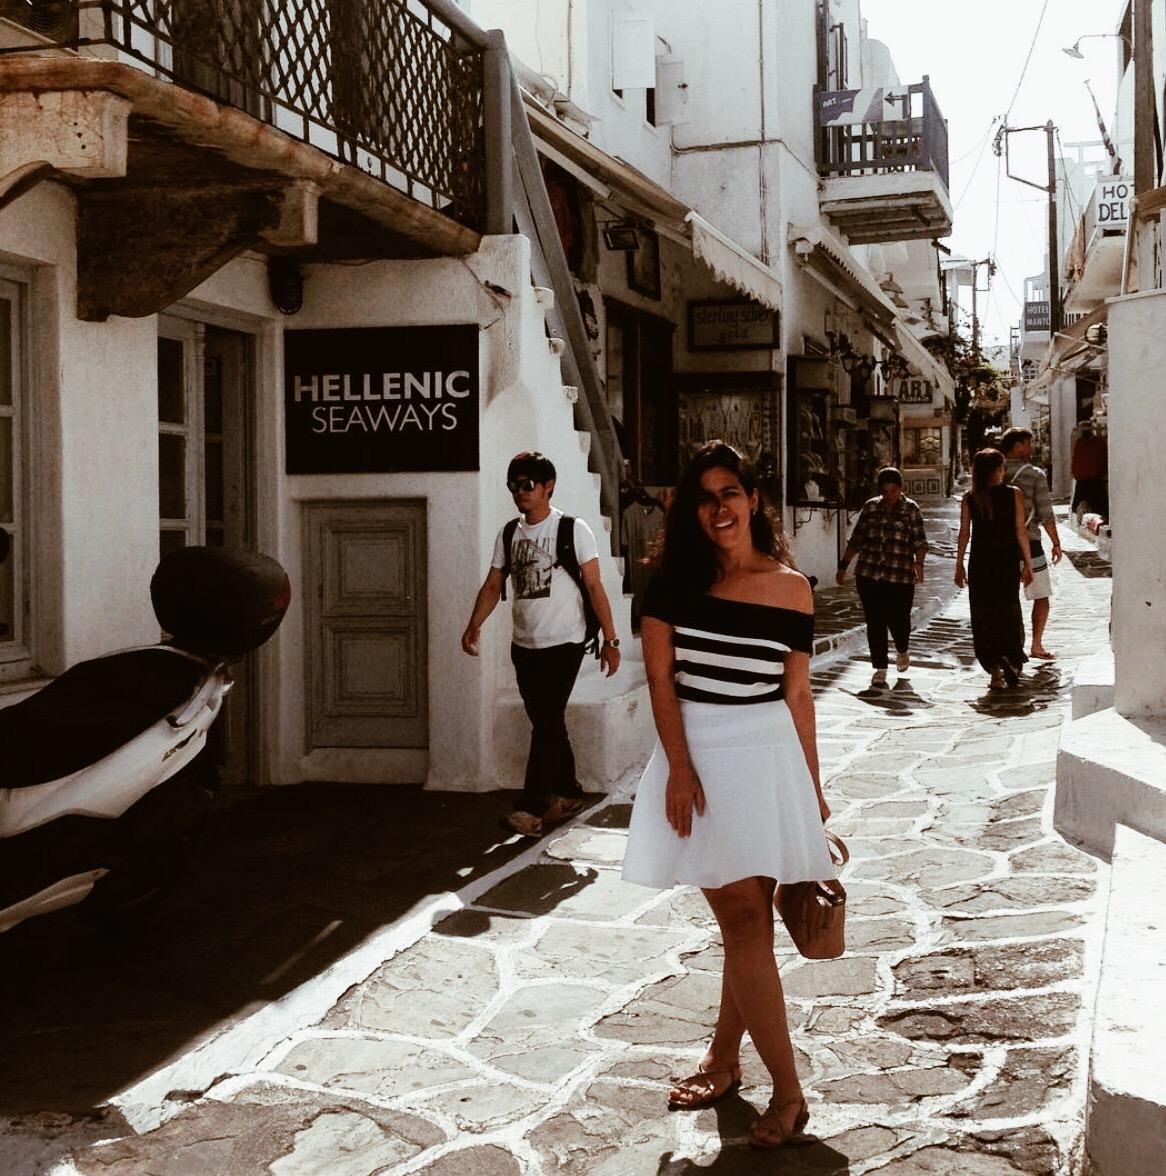 helena vilela viajar sozinha - Sobre Viajar Sozinha: Dicas, livros e inspirações pra você apenas ir.